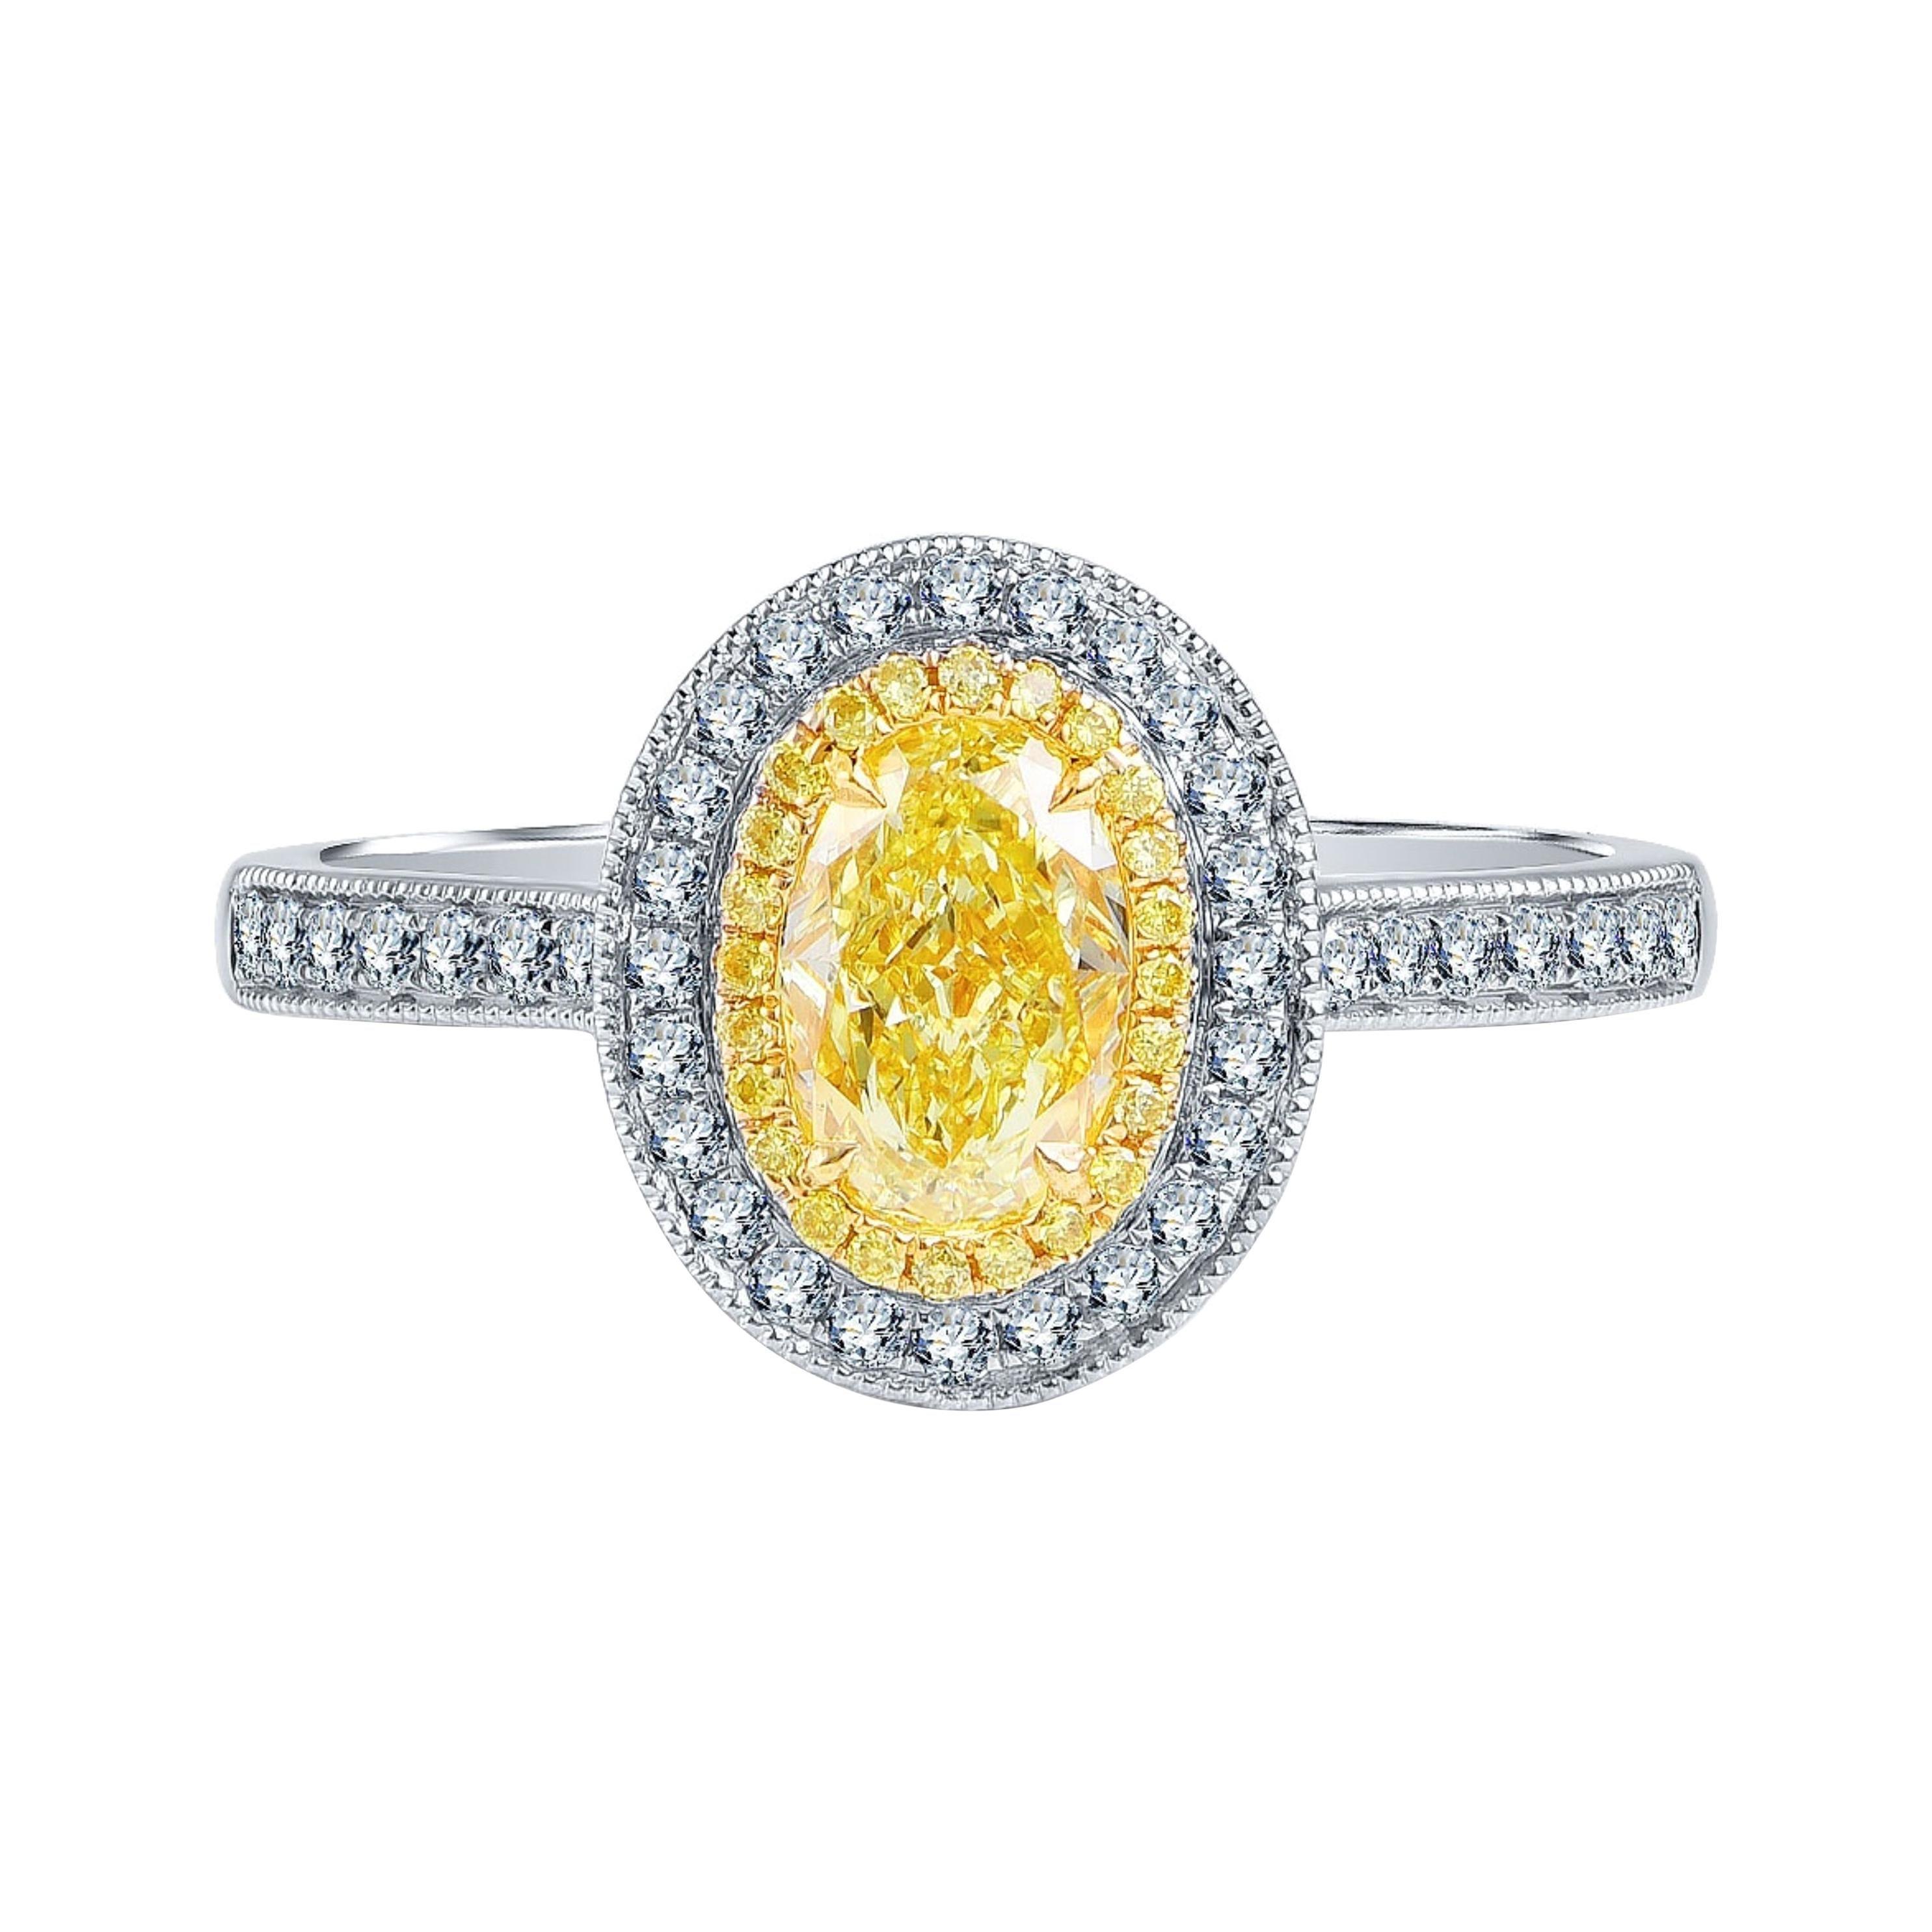 1 Carat Fancy Yellow Diamond Ring 18 Karat White Gold